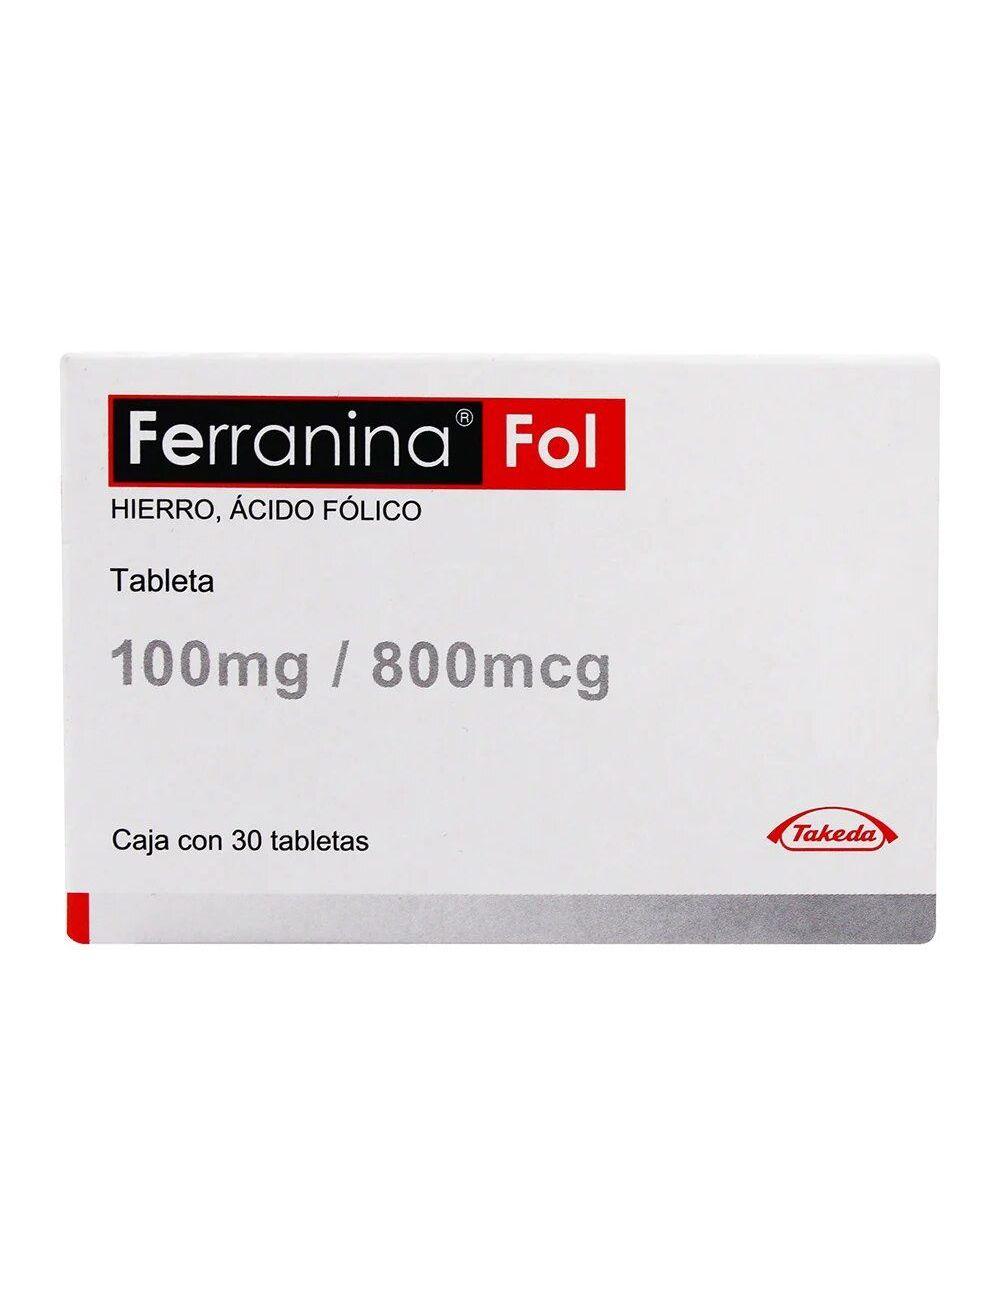 Ferranina Fol 100 mg / 800 mcg Caja Con 30 Tabletas